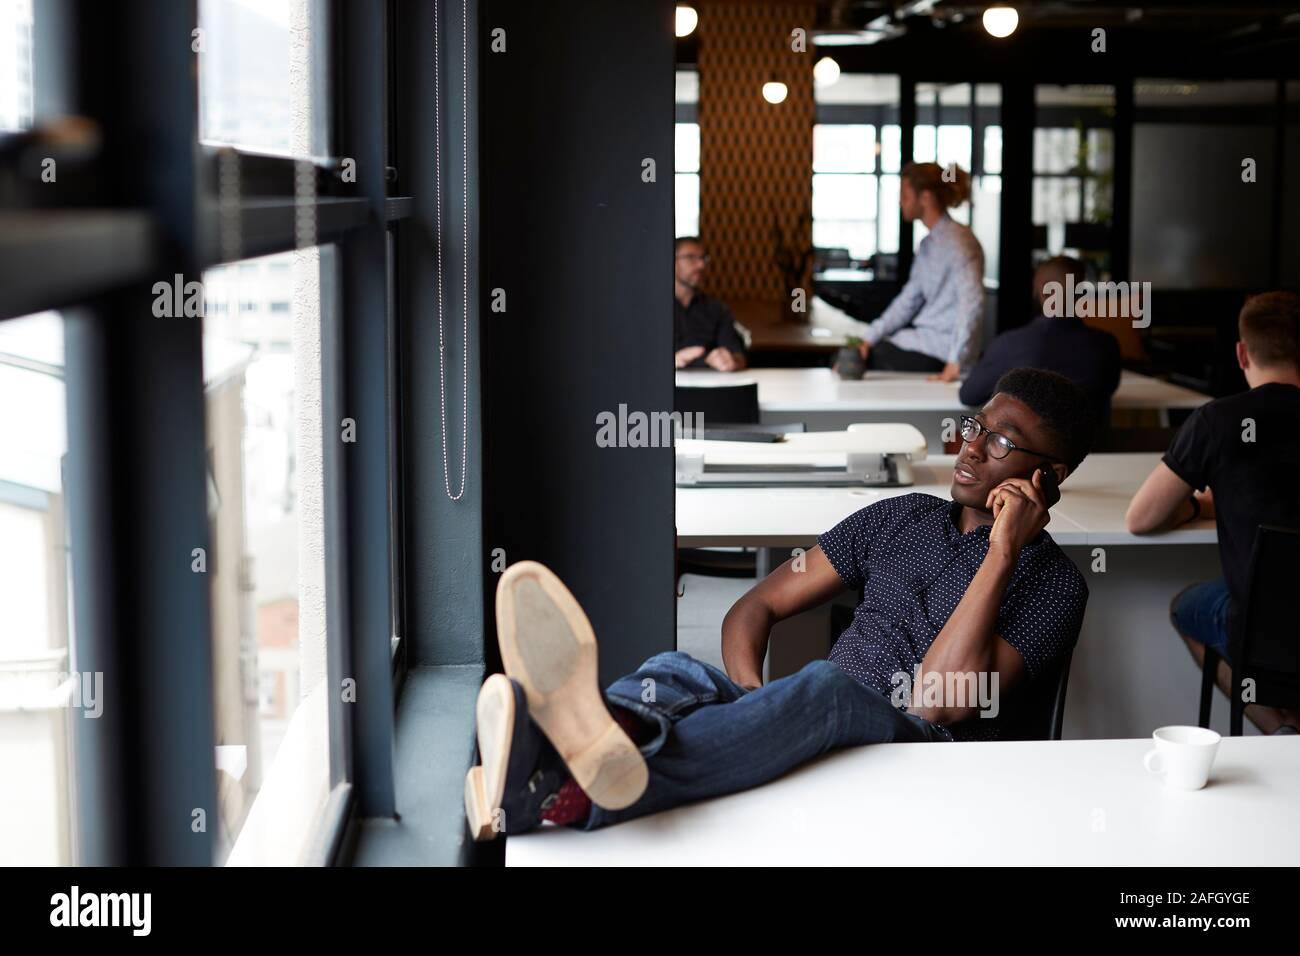 Junge schwarze Männer kreative sitzt in einem Büro mit seinen Füßen auf dem Schreibtisch mit Telefon, bis in der Nähe Stockfoto